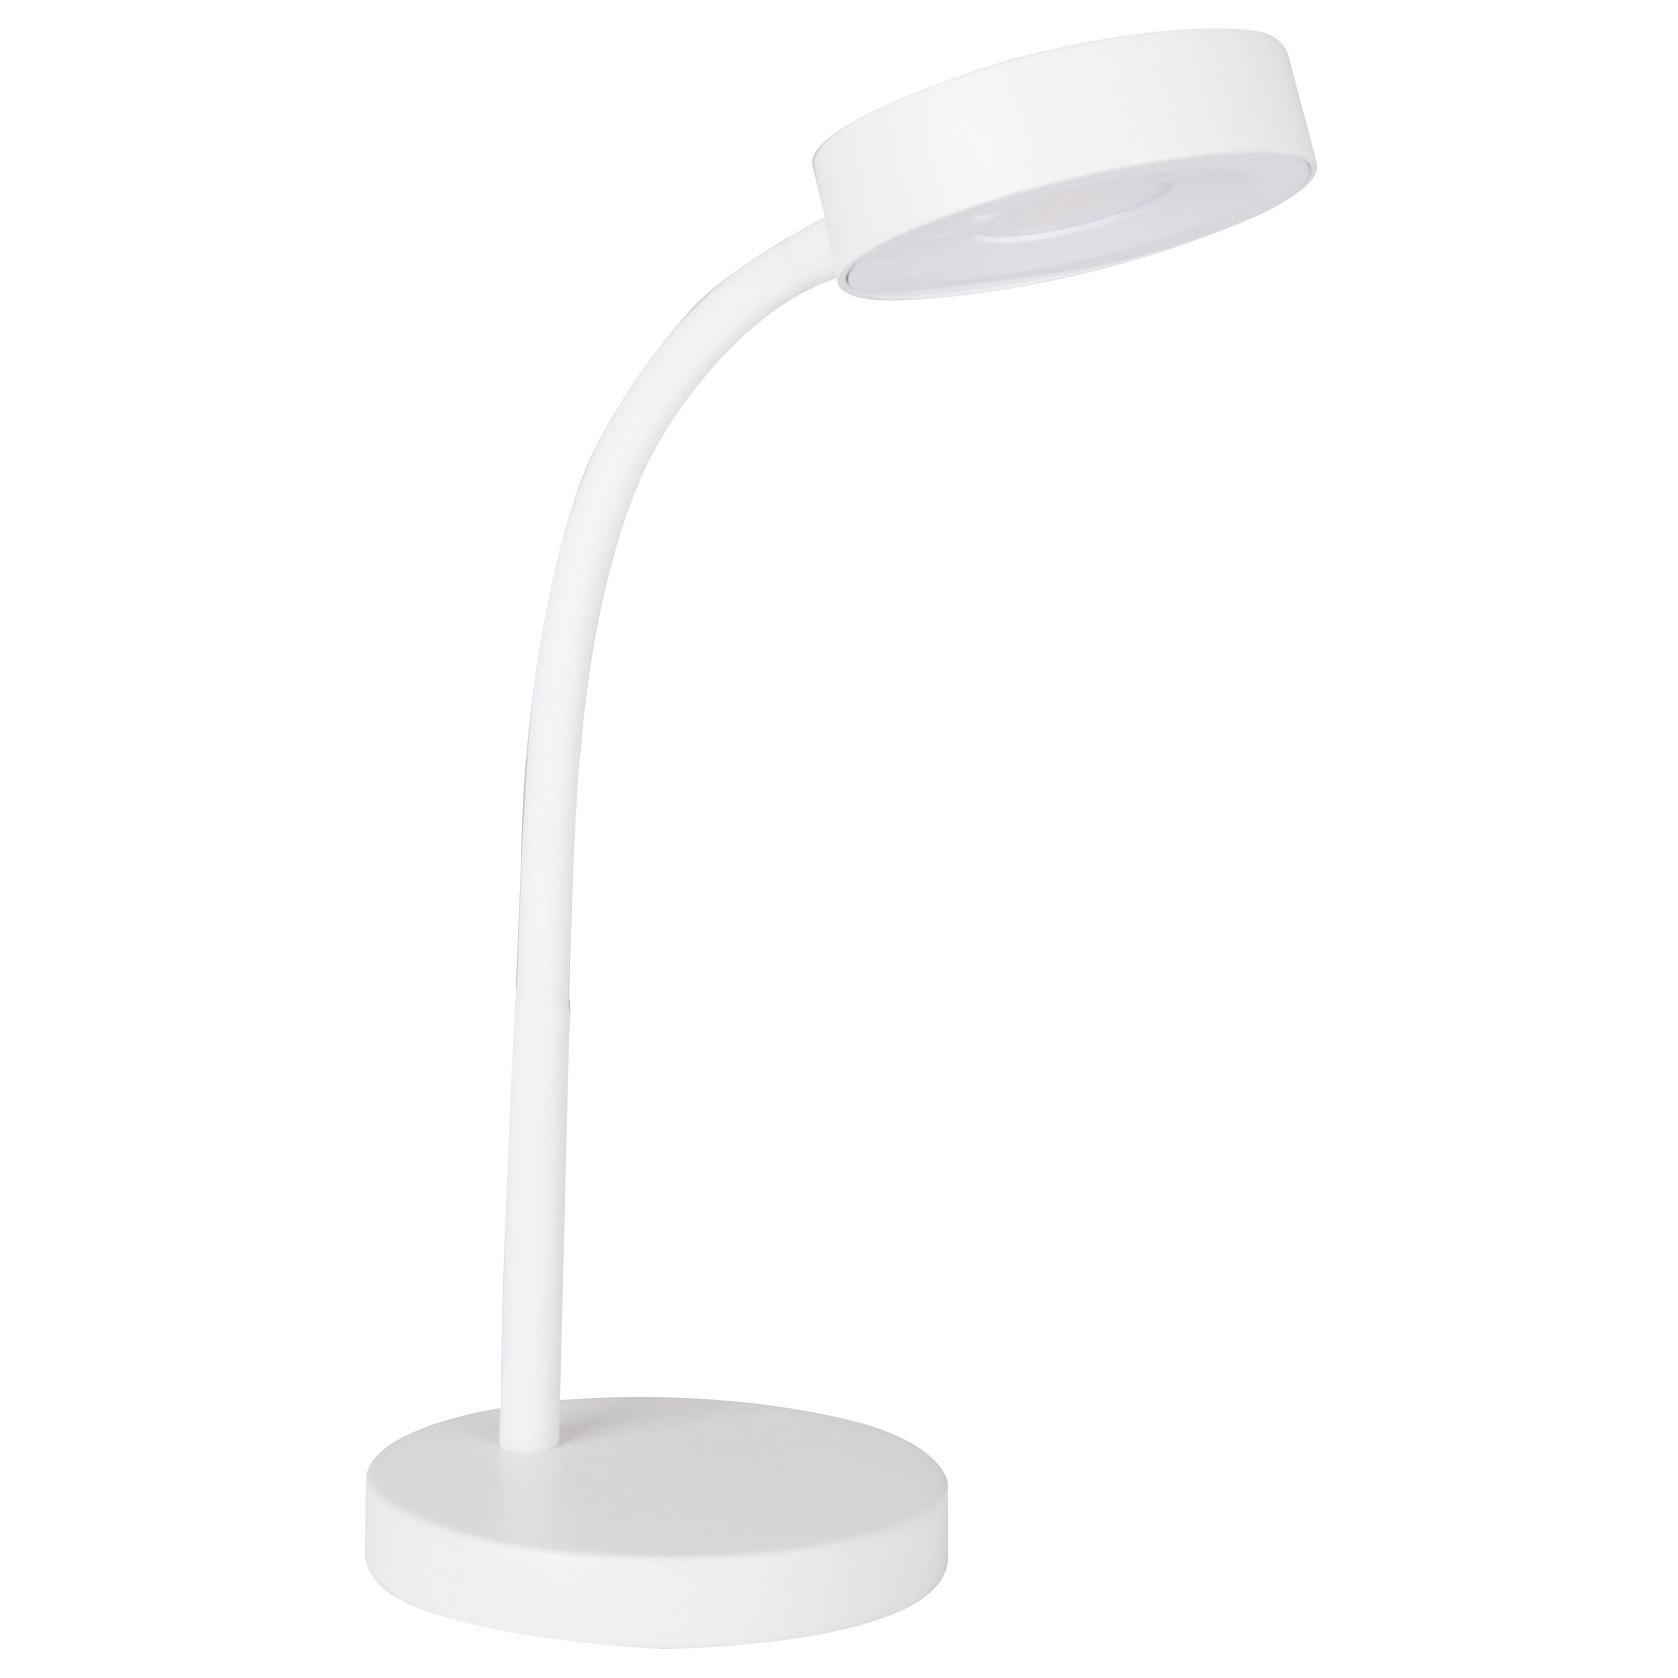 Picture of Boston Harbor EWDEL001 LED Flexible Desk Lamp, 0.05 Amp, 120 V, 7 W, 1-Lamp, LED Lamp, 400 Lumens, White